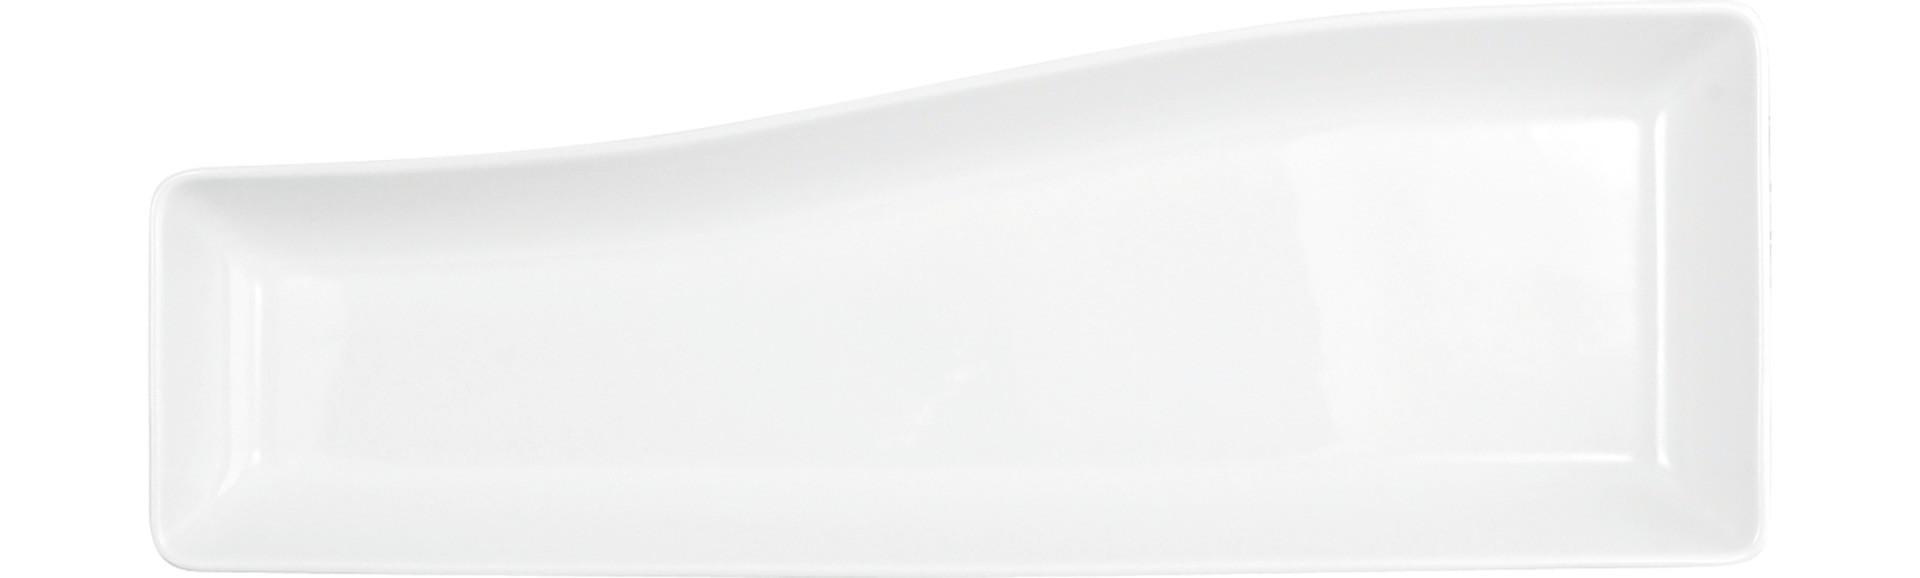 Buffet Gourmet, Schale 525 x 185 mm / 2,50 l